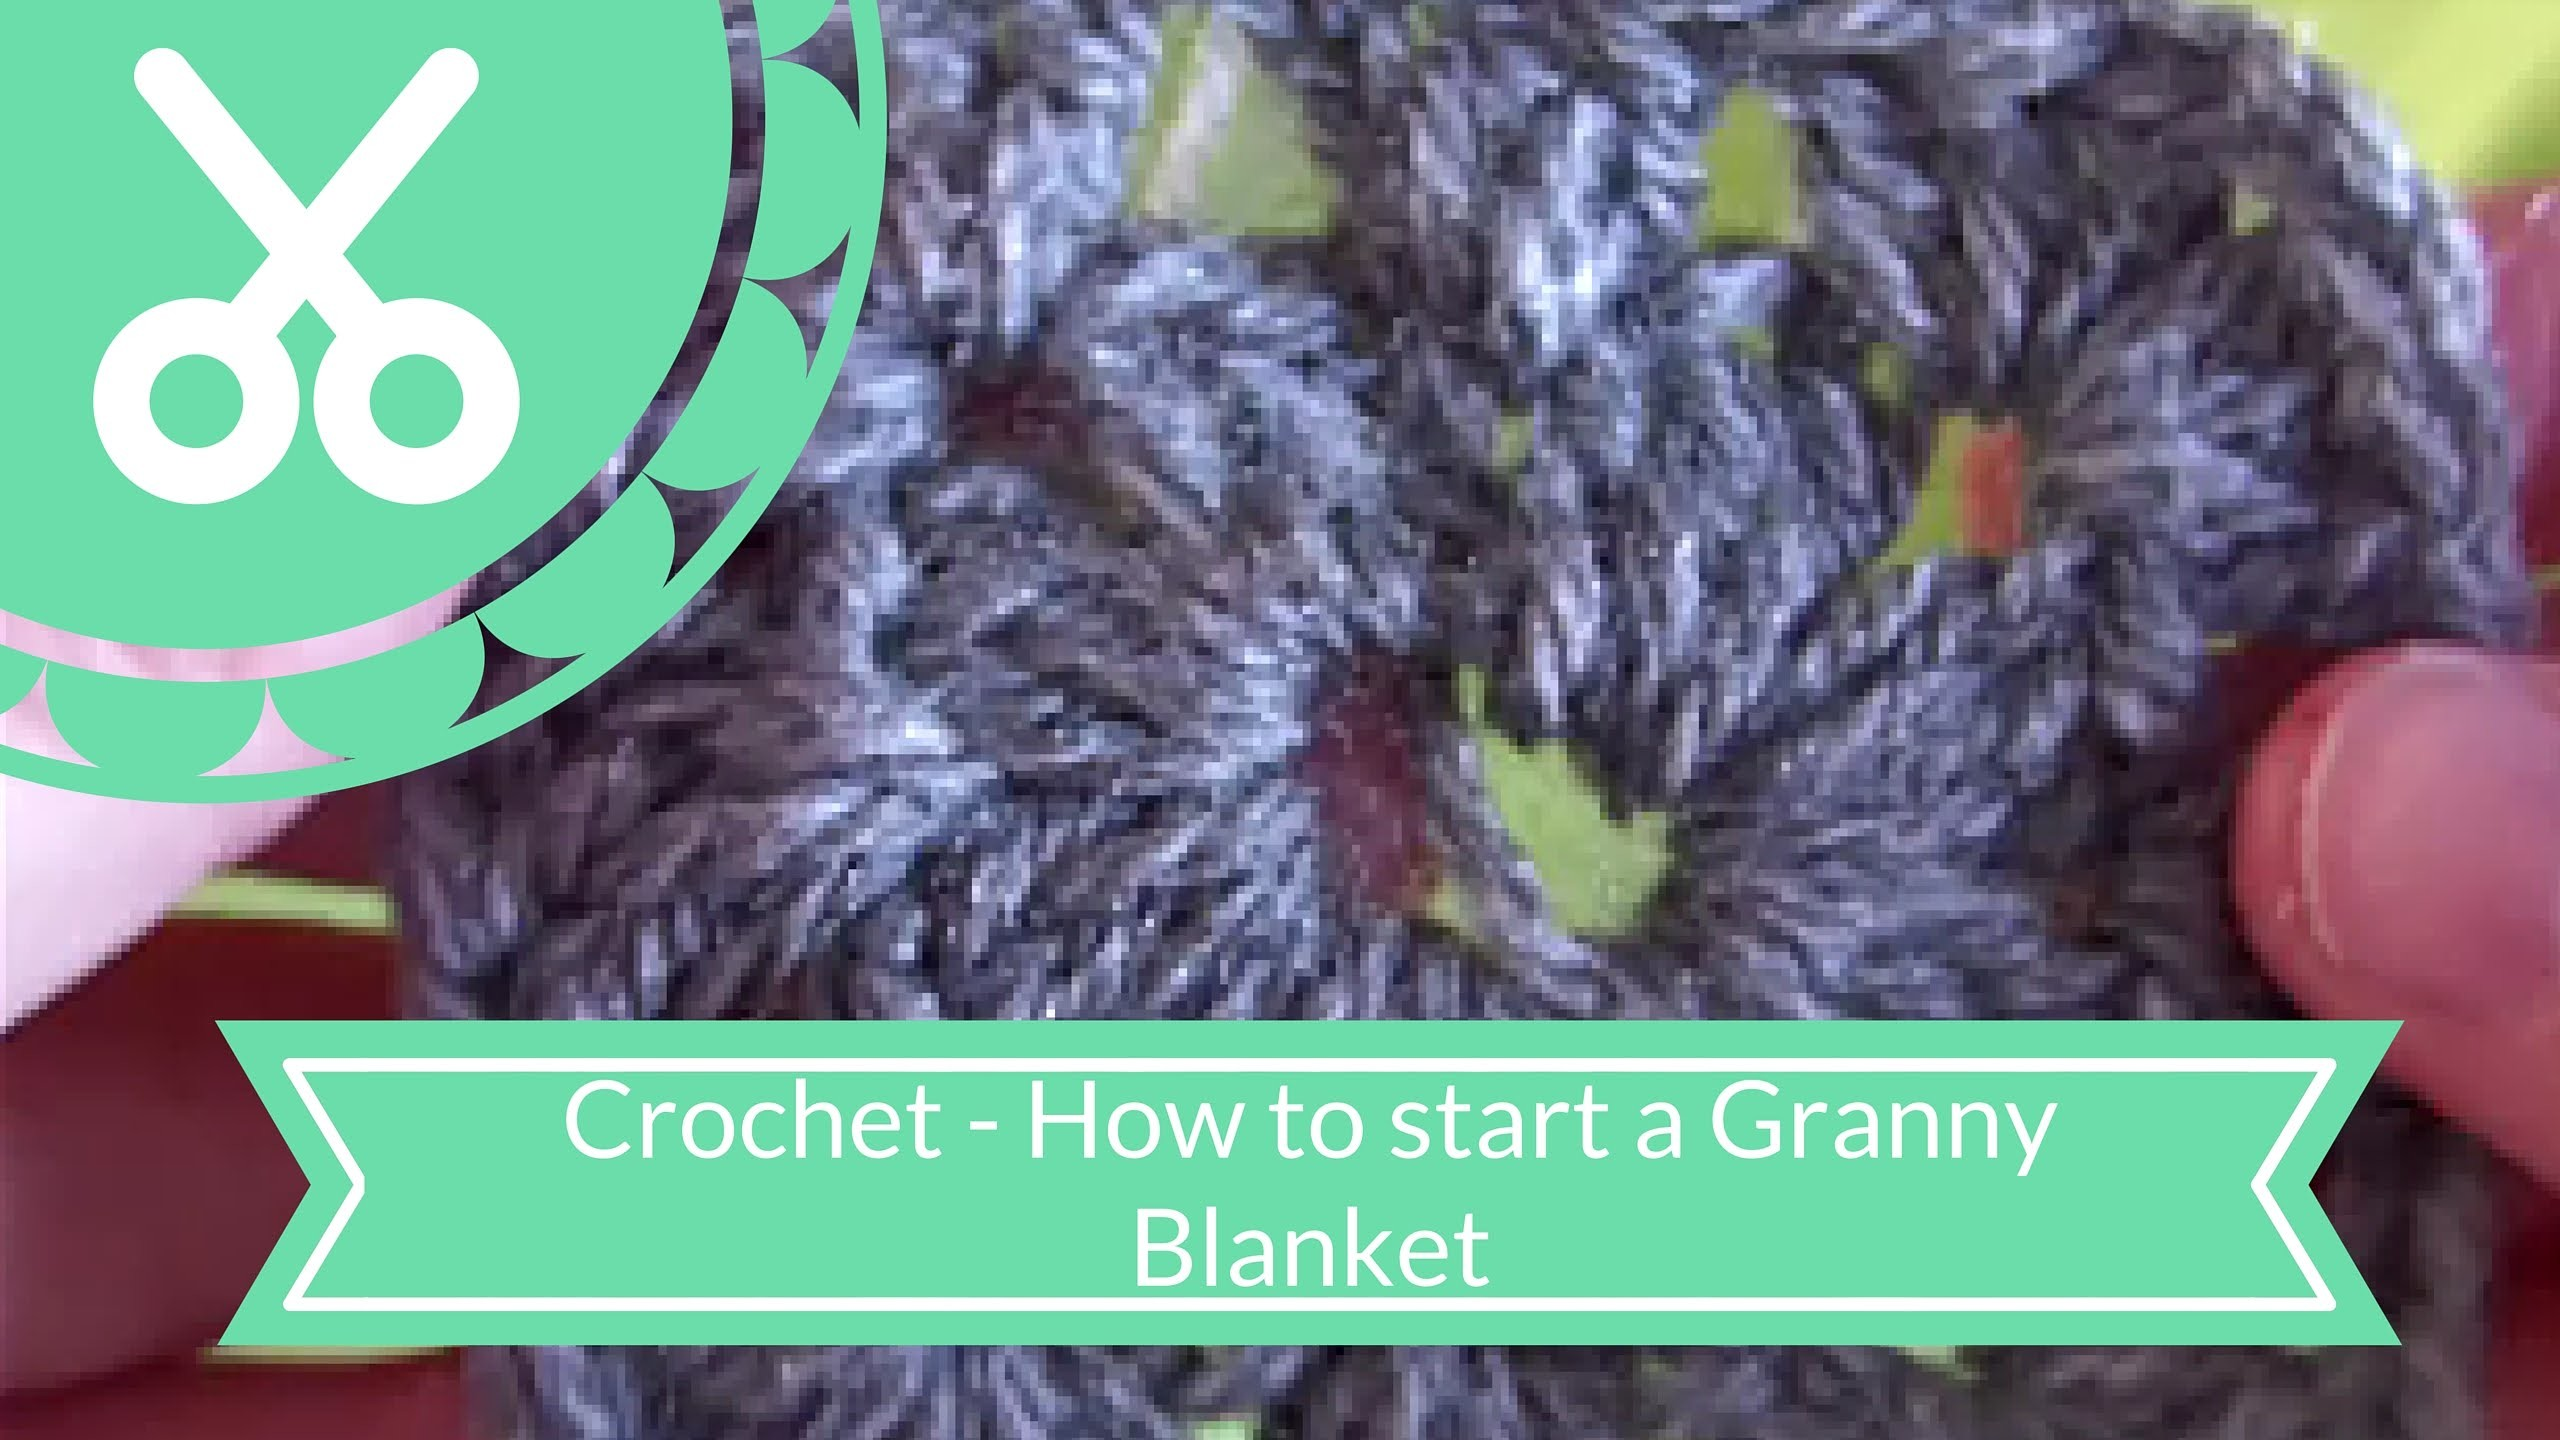 Crochet - How To Start A Granny Blanket!